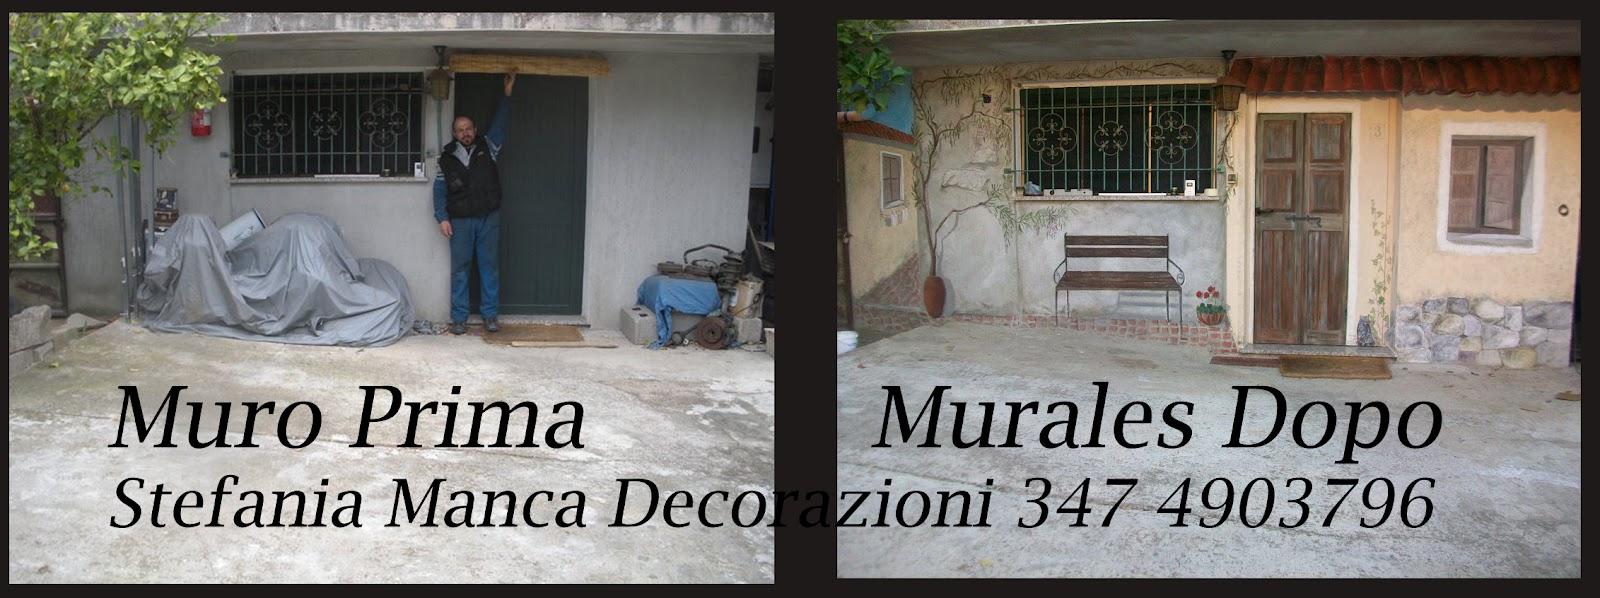 Murales trompe l 39 oeil e decorazione pareti e camerette for Decorazioni pareti camerette bambini